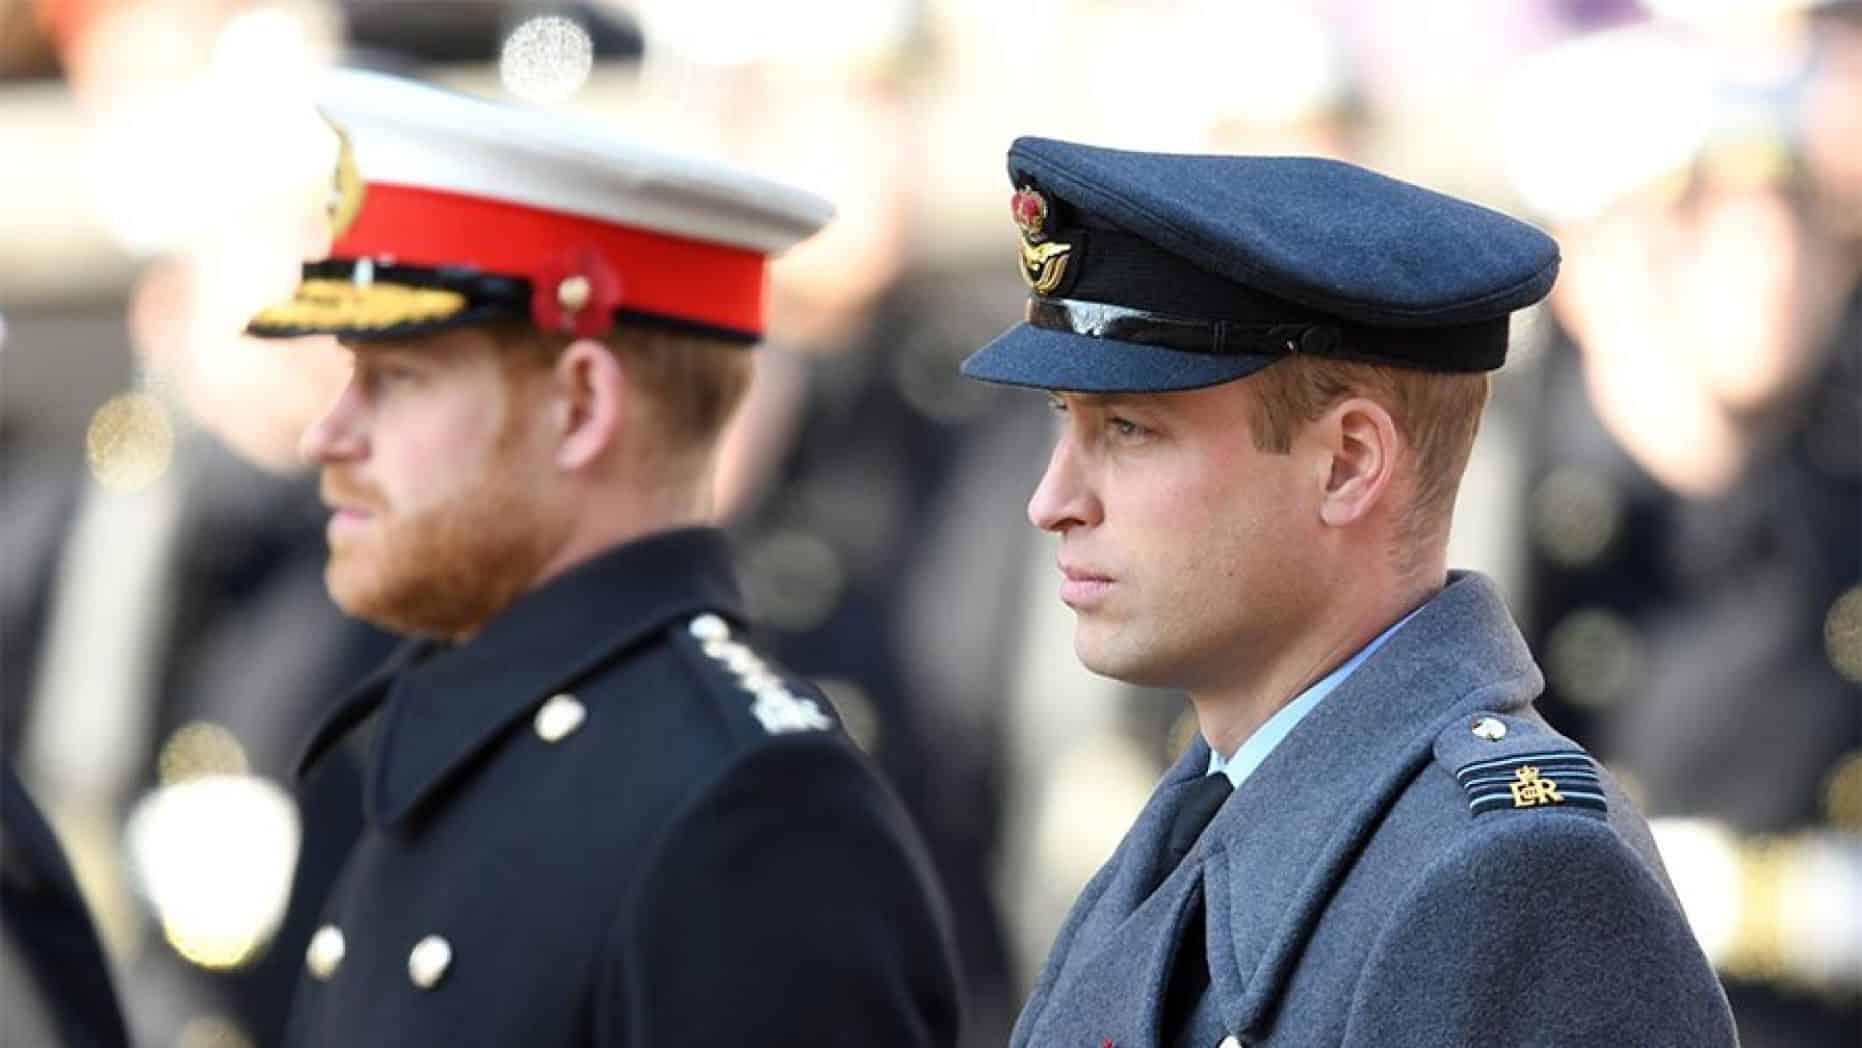 Príncipe Harry y Principe William